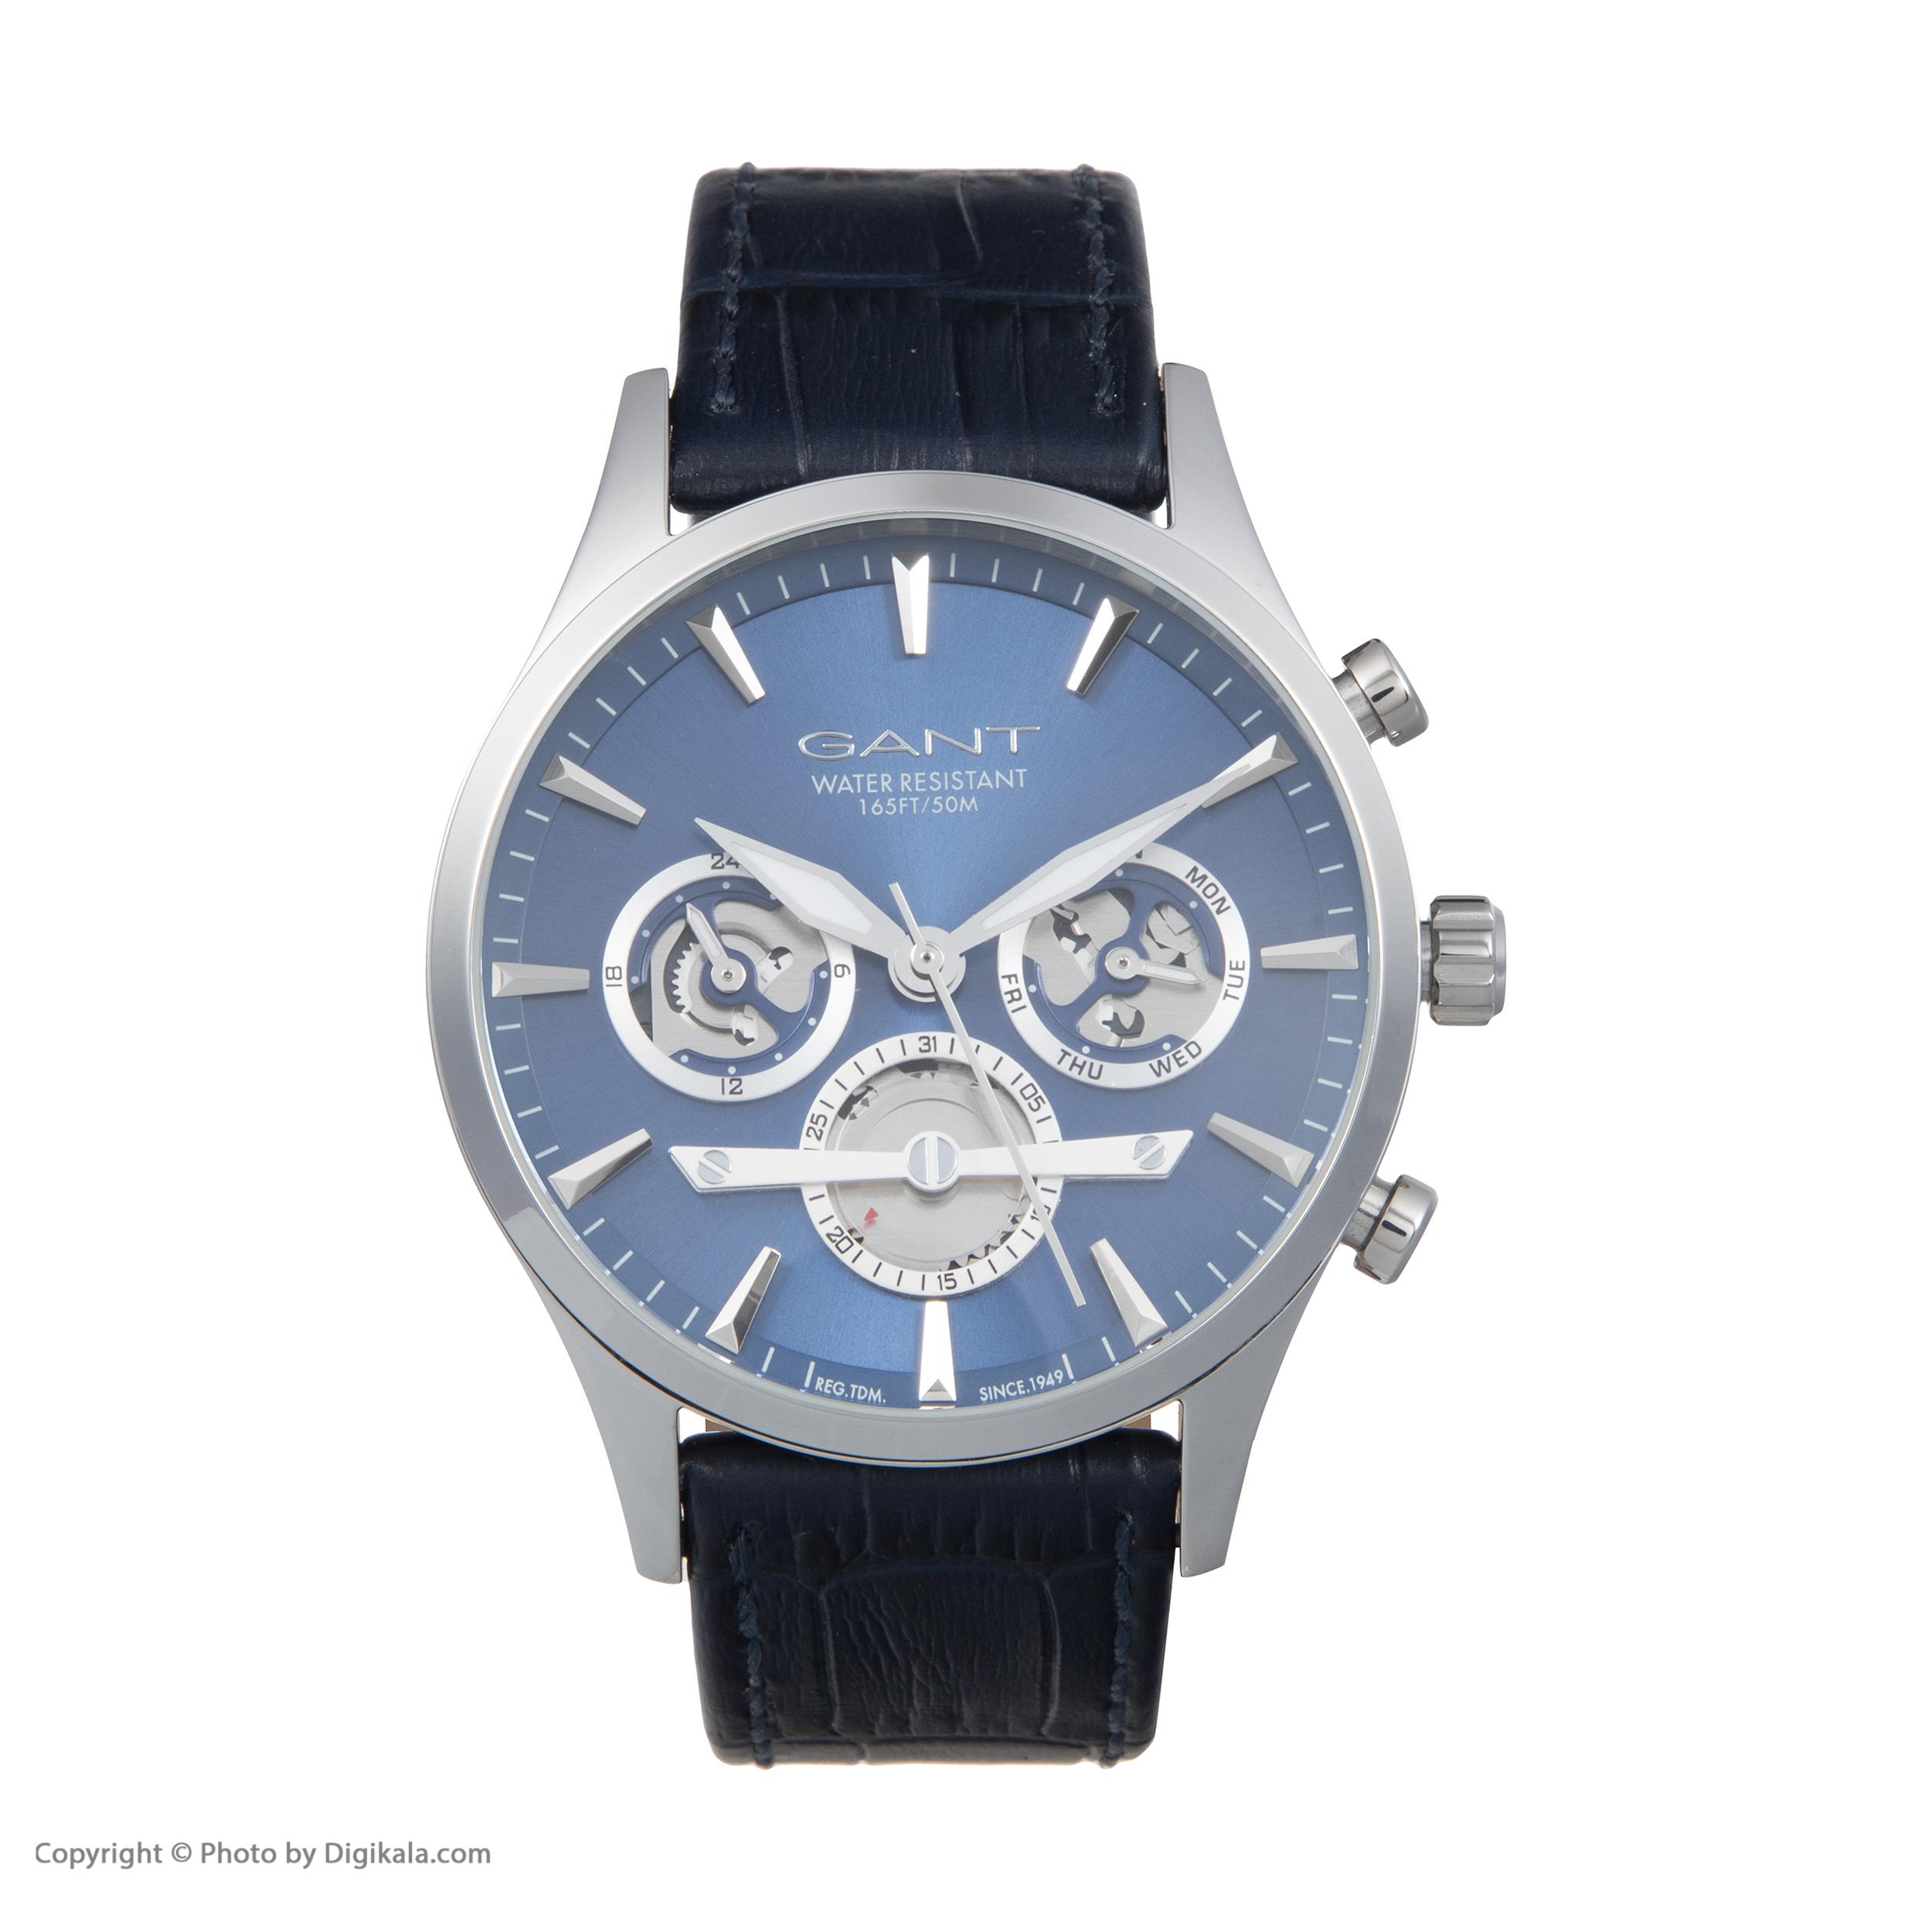 ساعت مچی عقربه ای مردانه گنت مدل GWW005001 -  - 3